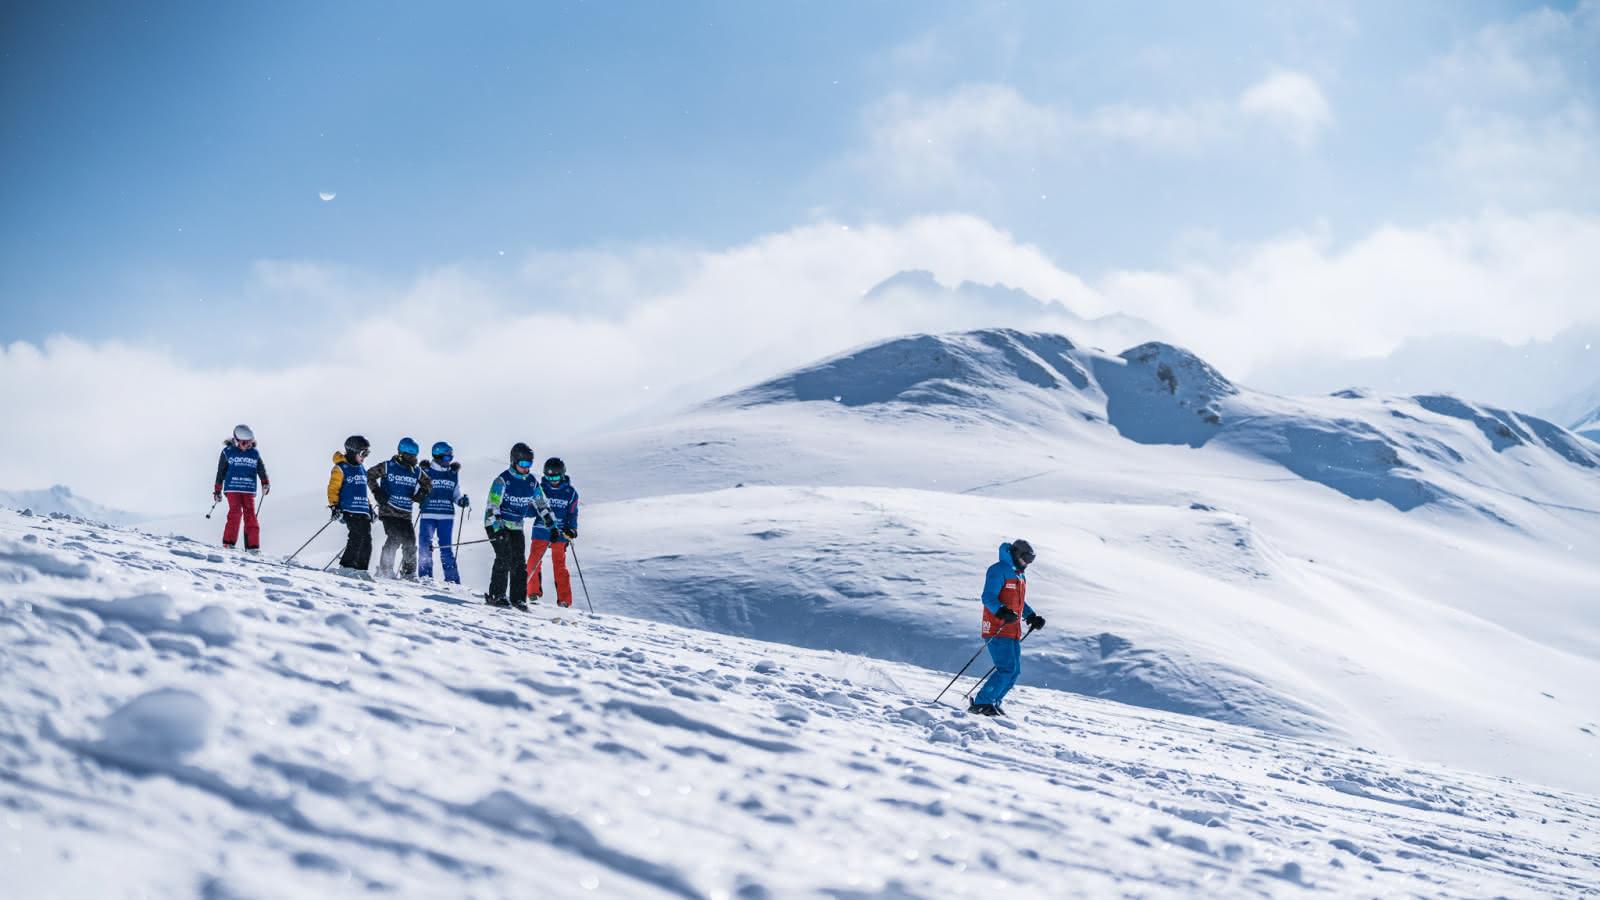 Des ados en soif de sensations ? Inscrivez-les aux cours collectifs ados Oxygène. Au programme : hors-piste, freestyle, slalom, etc.